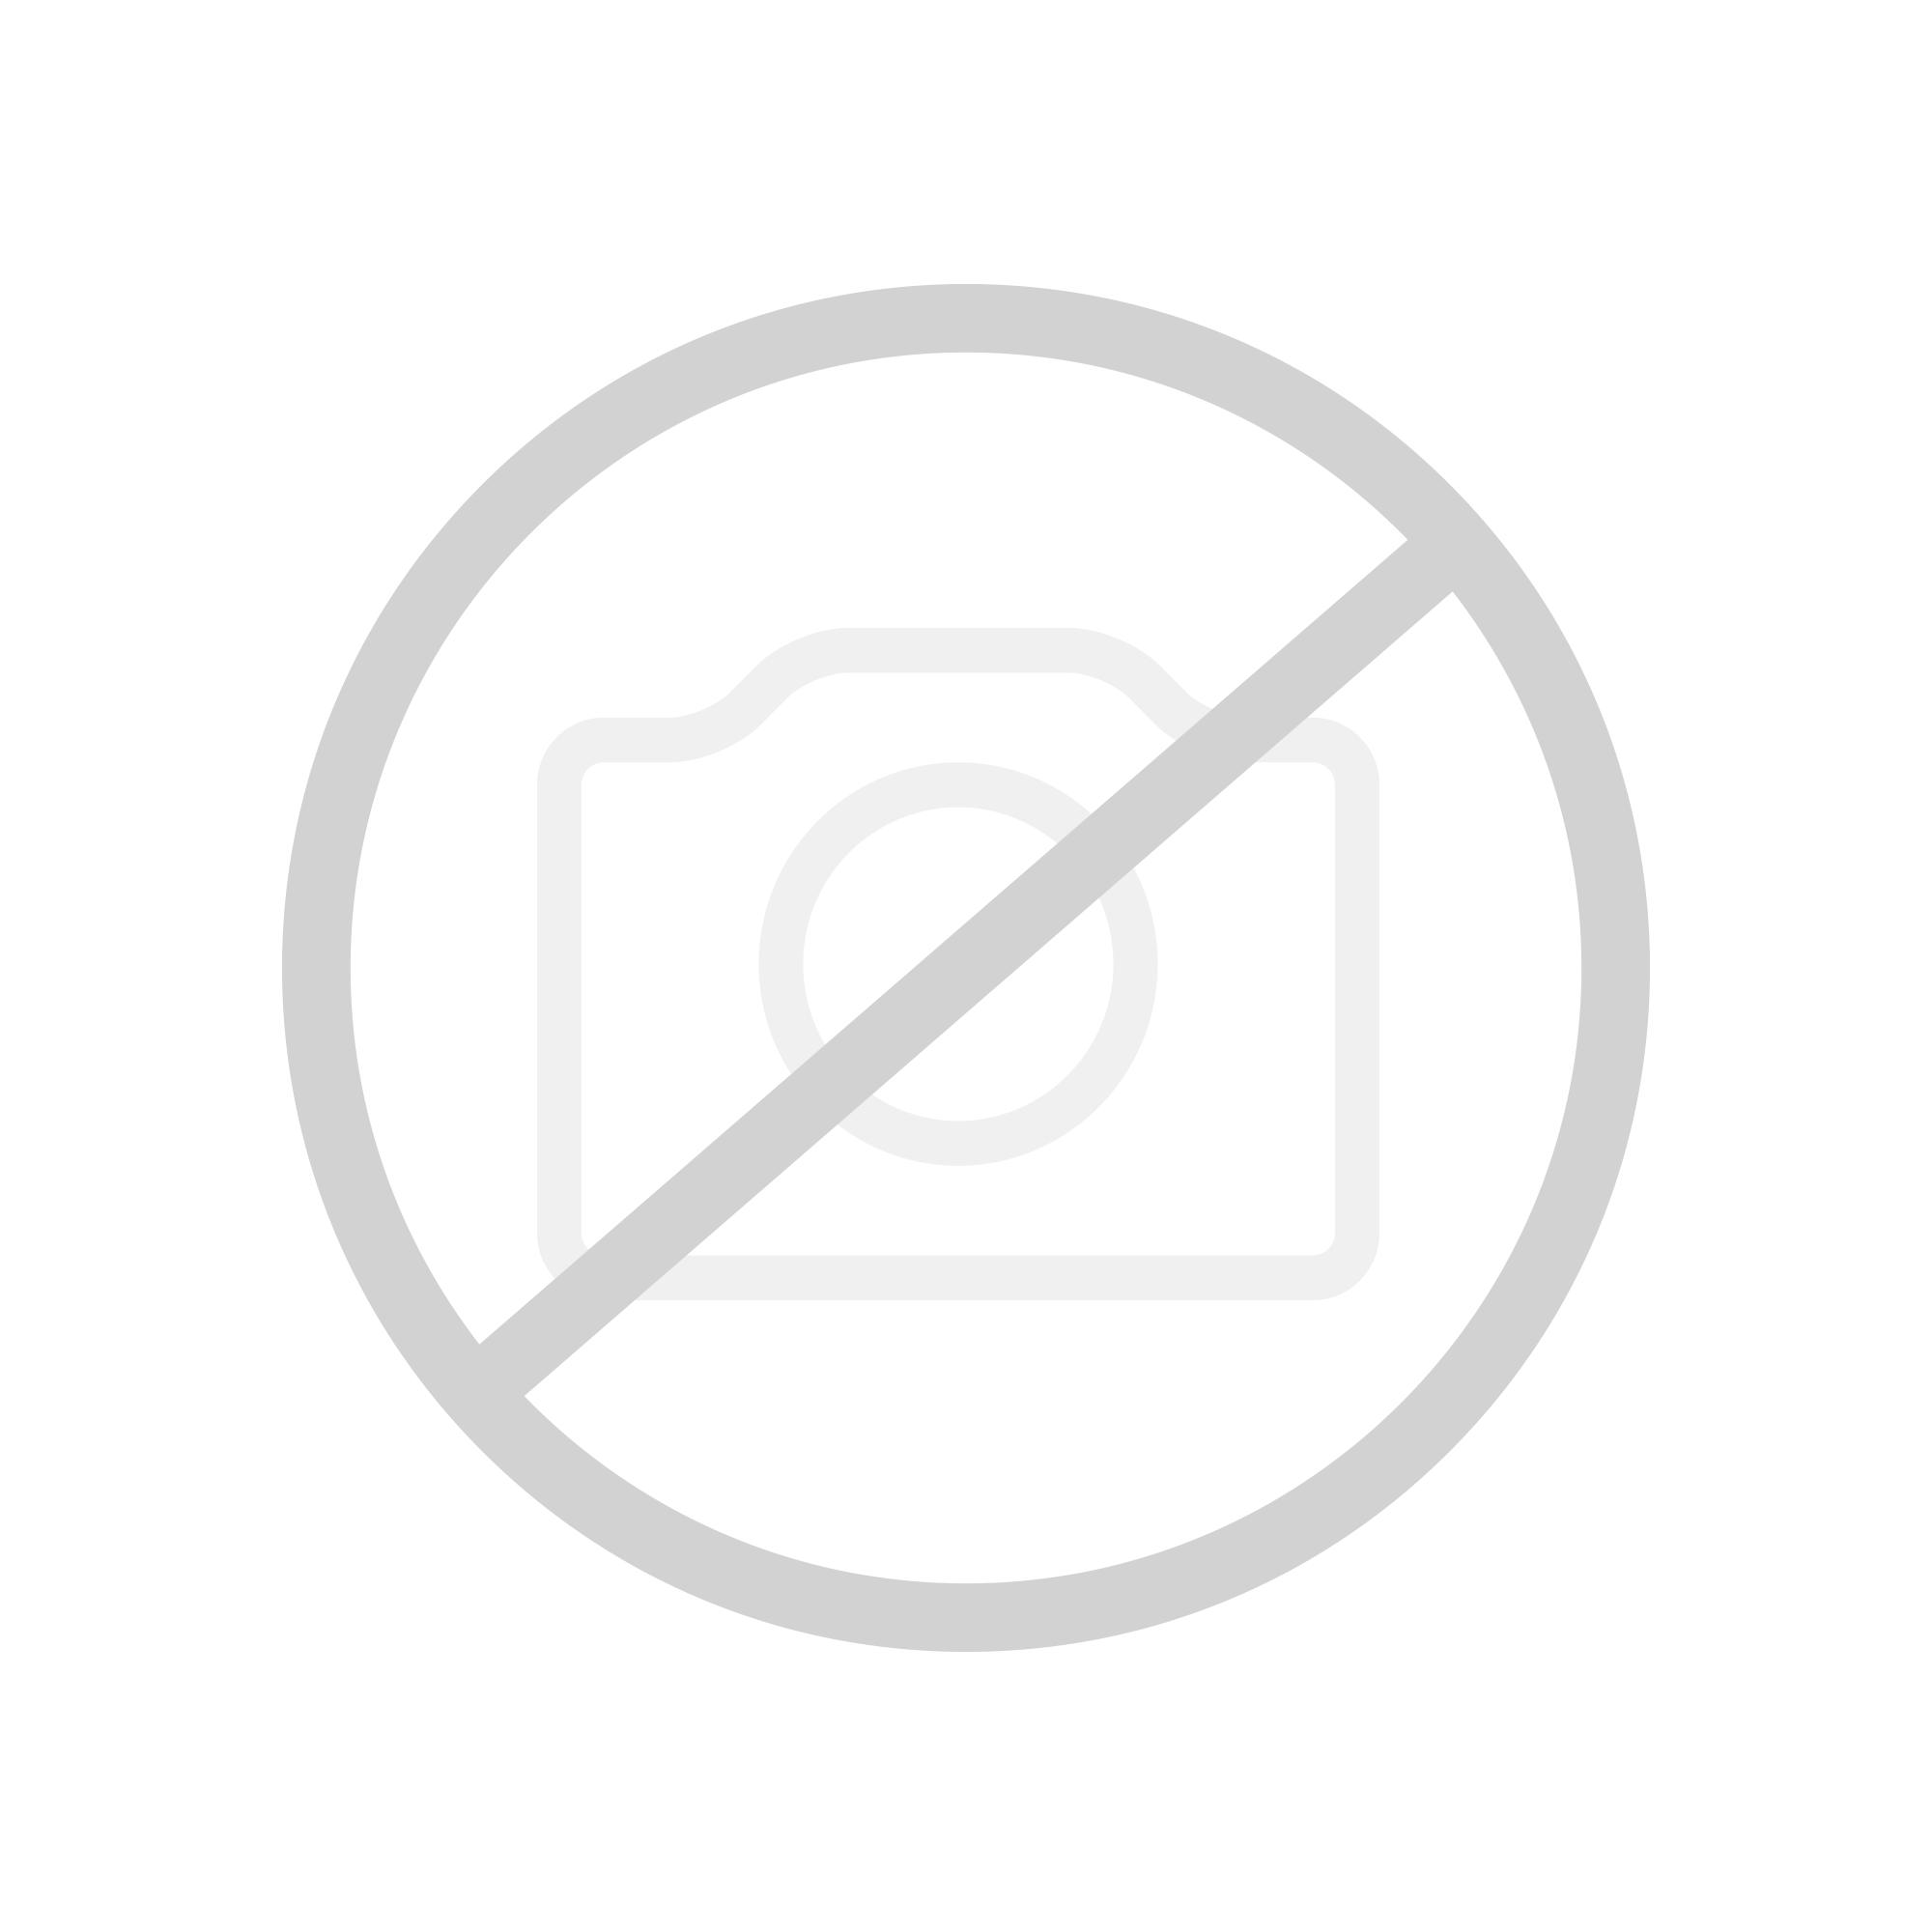 KOH-I-NOOR DUO Spiegel mit Raum- und Spiegelbeleuchtung